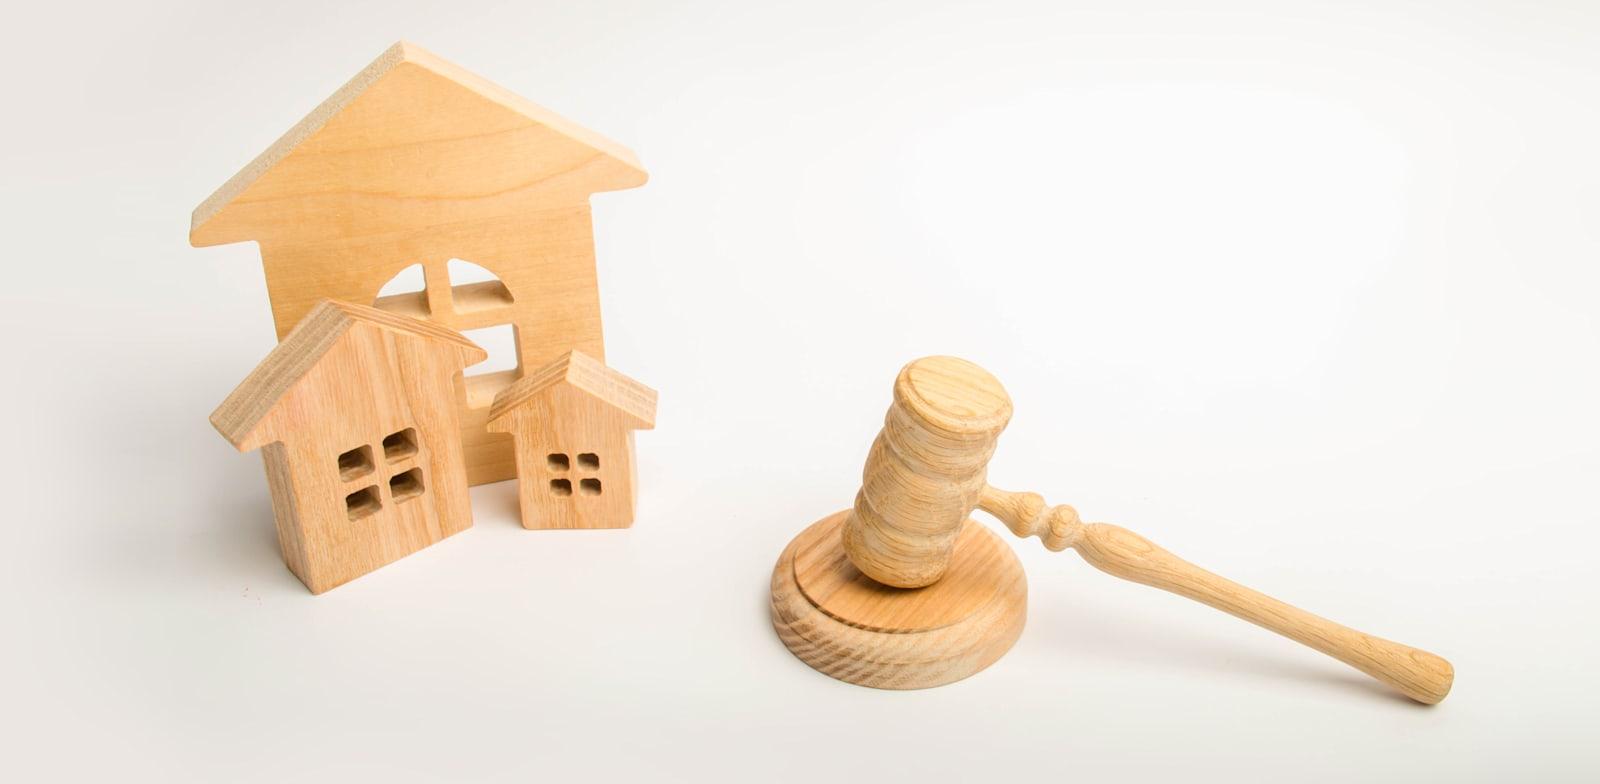 """""""על כל בעל דירה לשלם את חלקו היחסי במועד, במלואו וכסדרו"""" / צילום: Shutterstock, Andrii Yalanskyi"""